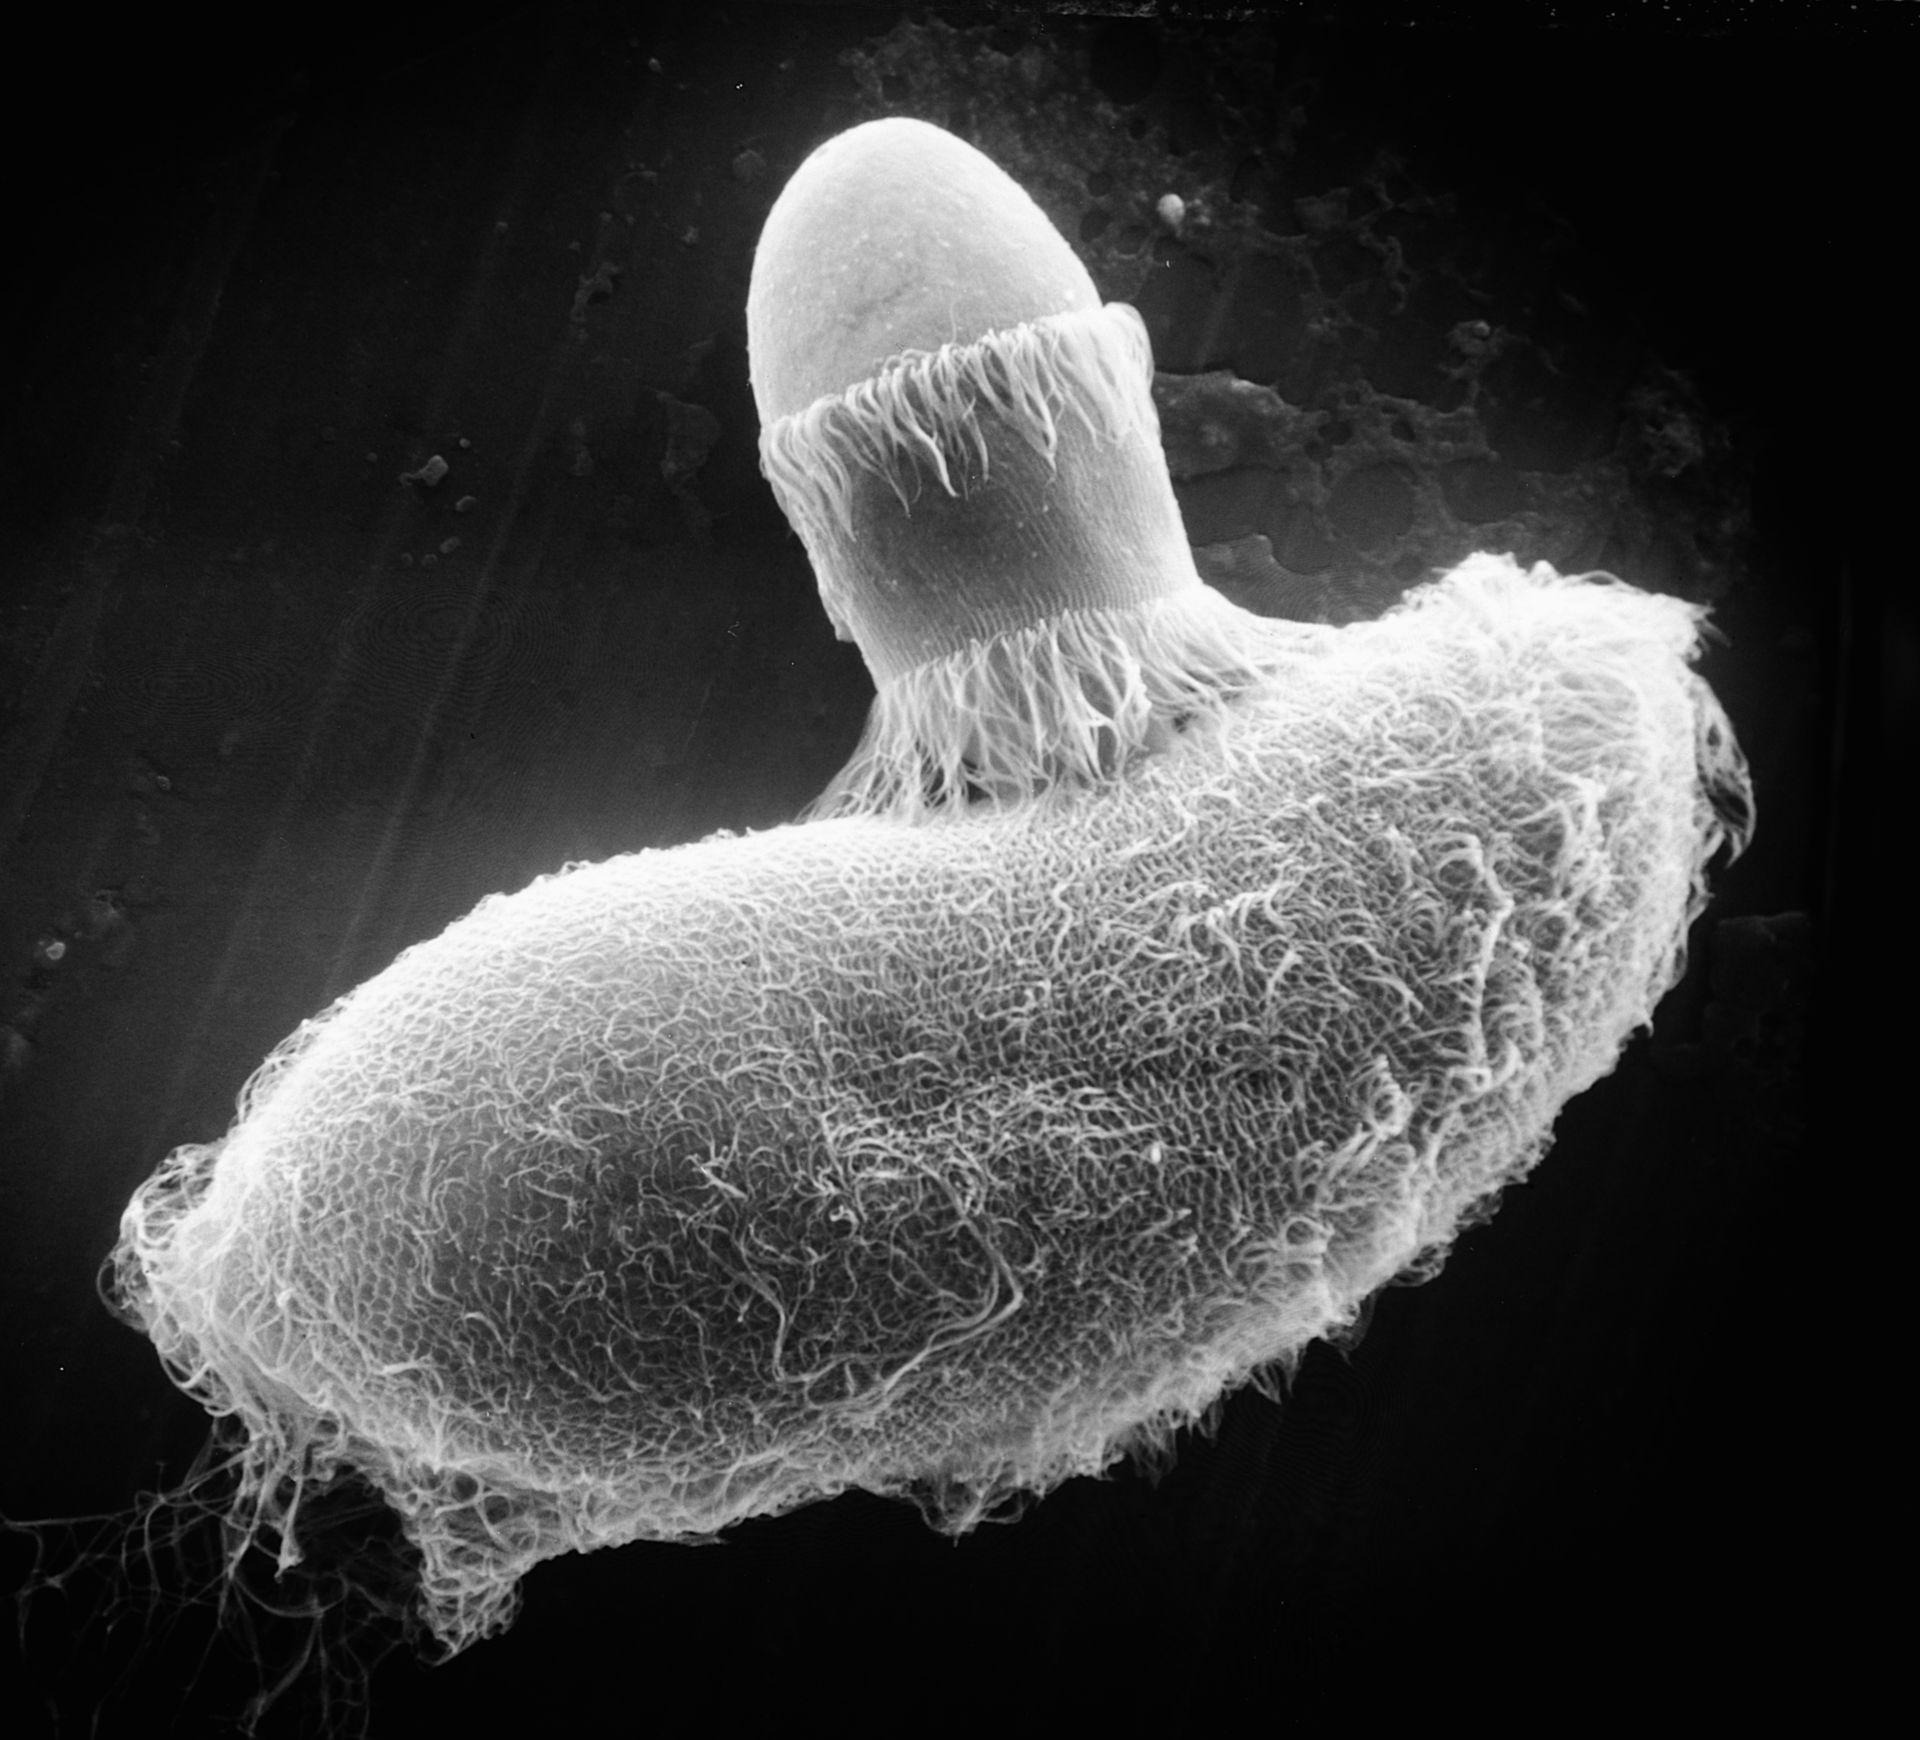 Paramecium sp. (superficie cellulare) - CIL:39250